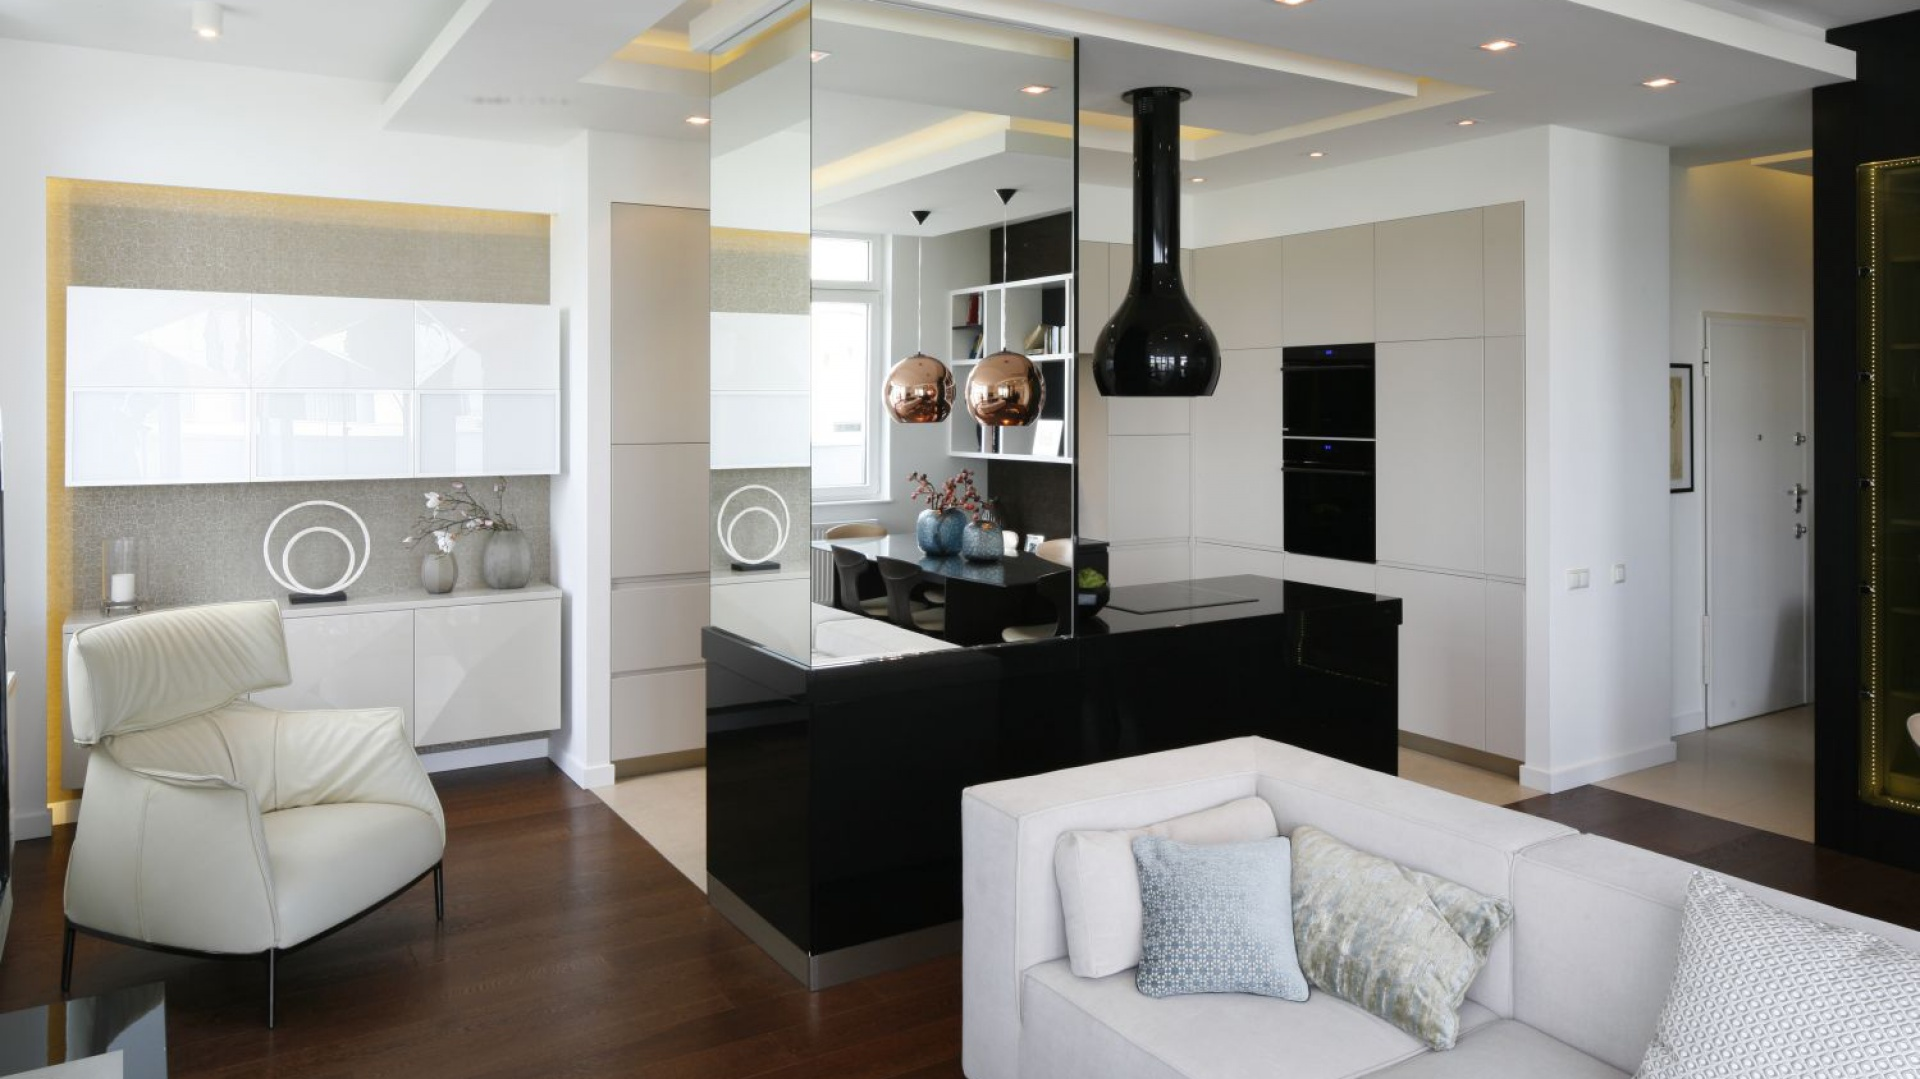 Przestronny, otwarty na kuchnię i jadalnię, salon jest urządzono w nowoczesnym stylu. Projekt: Agnieszka Hajdas-Obajtek. Fot. Bartosz Jarosz